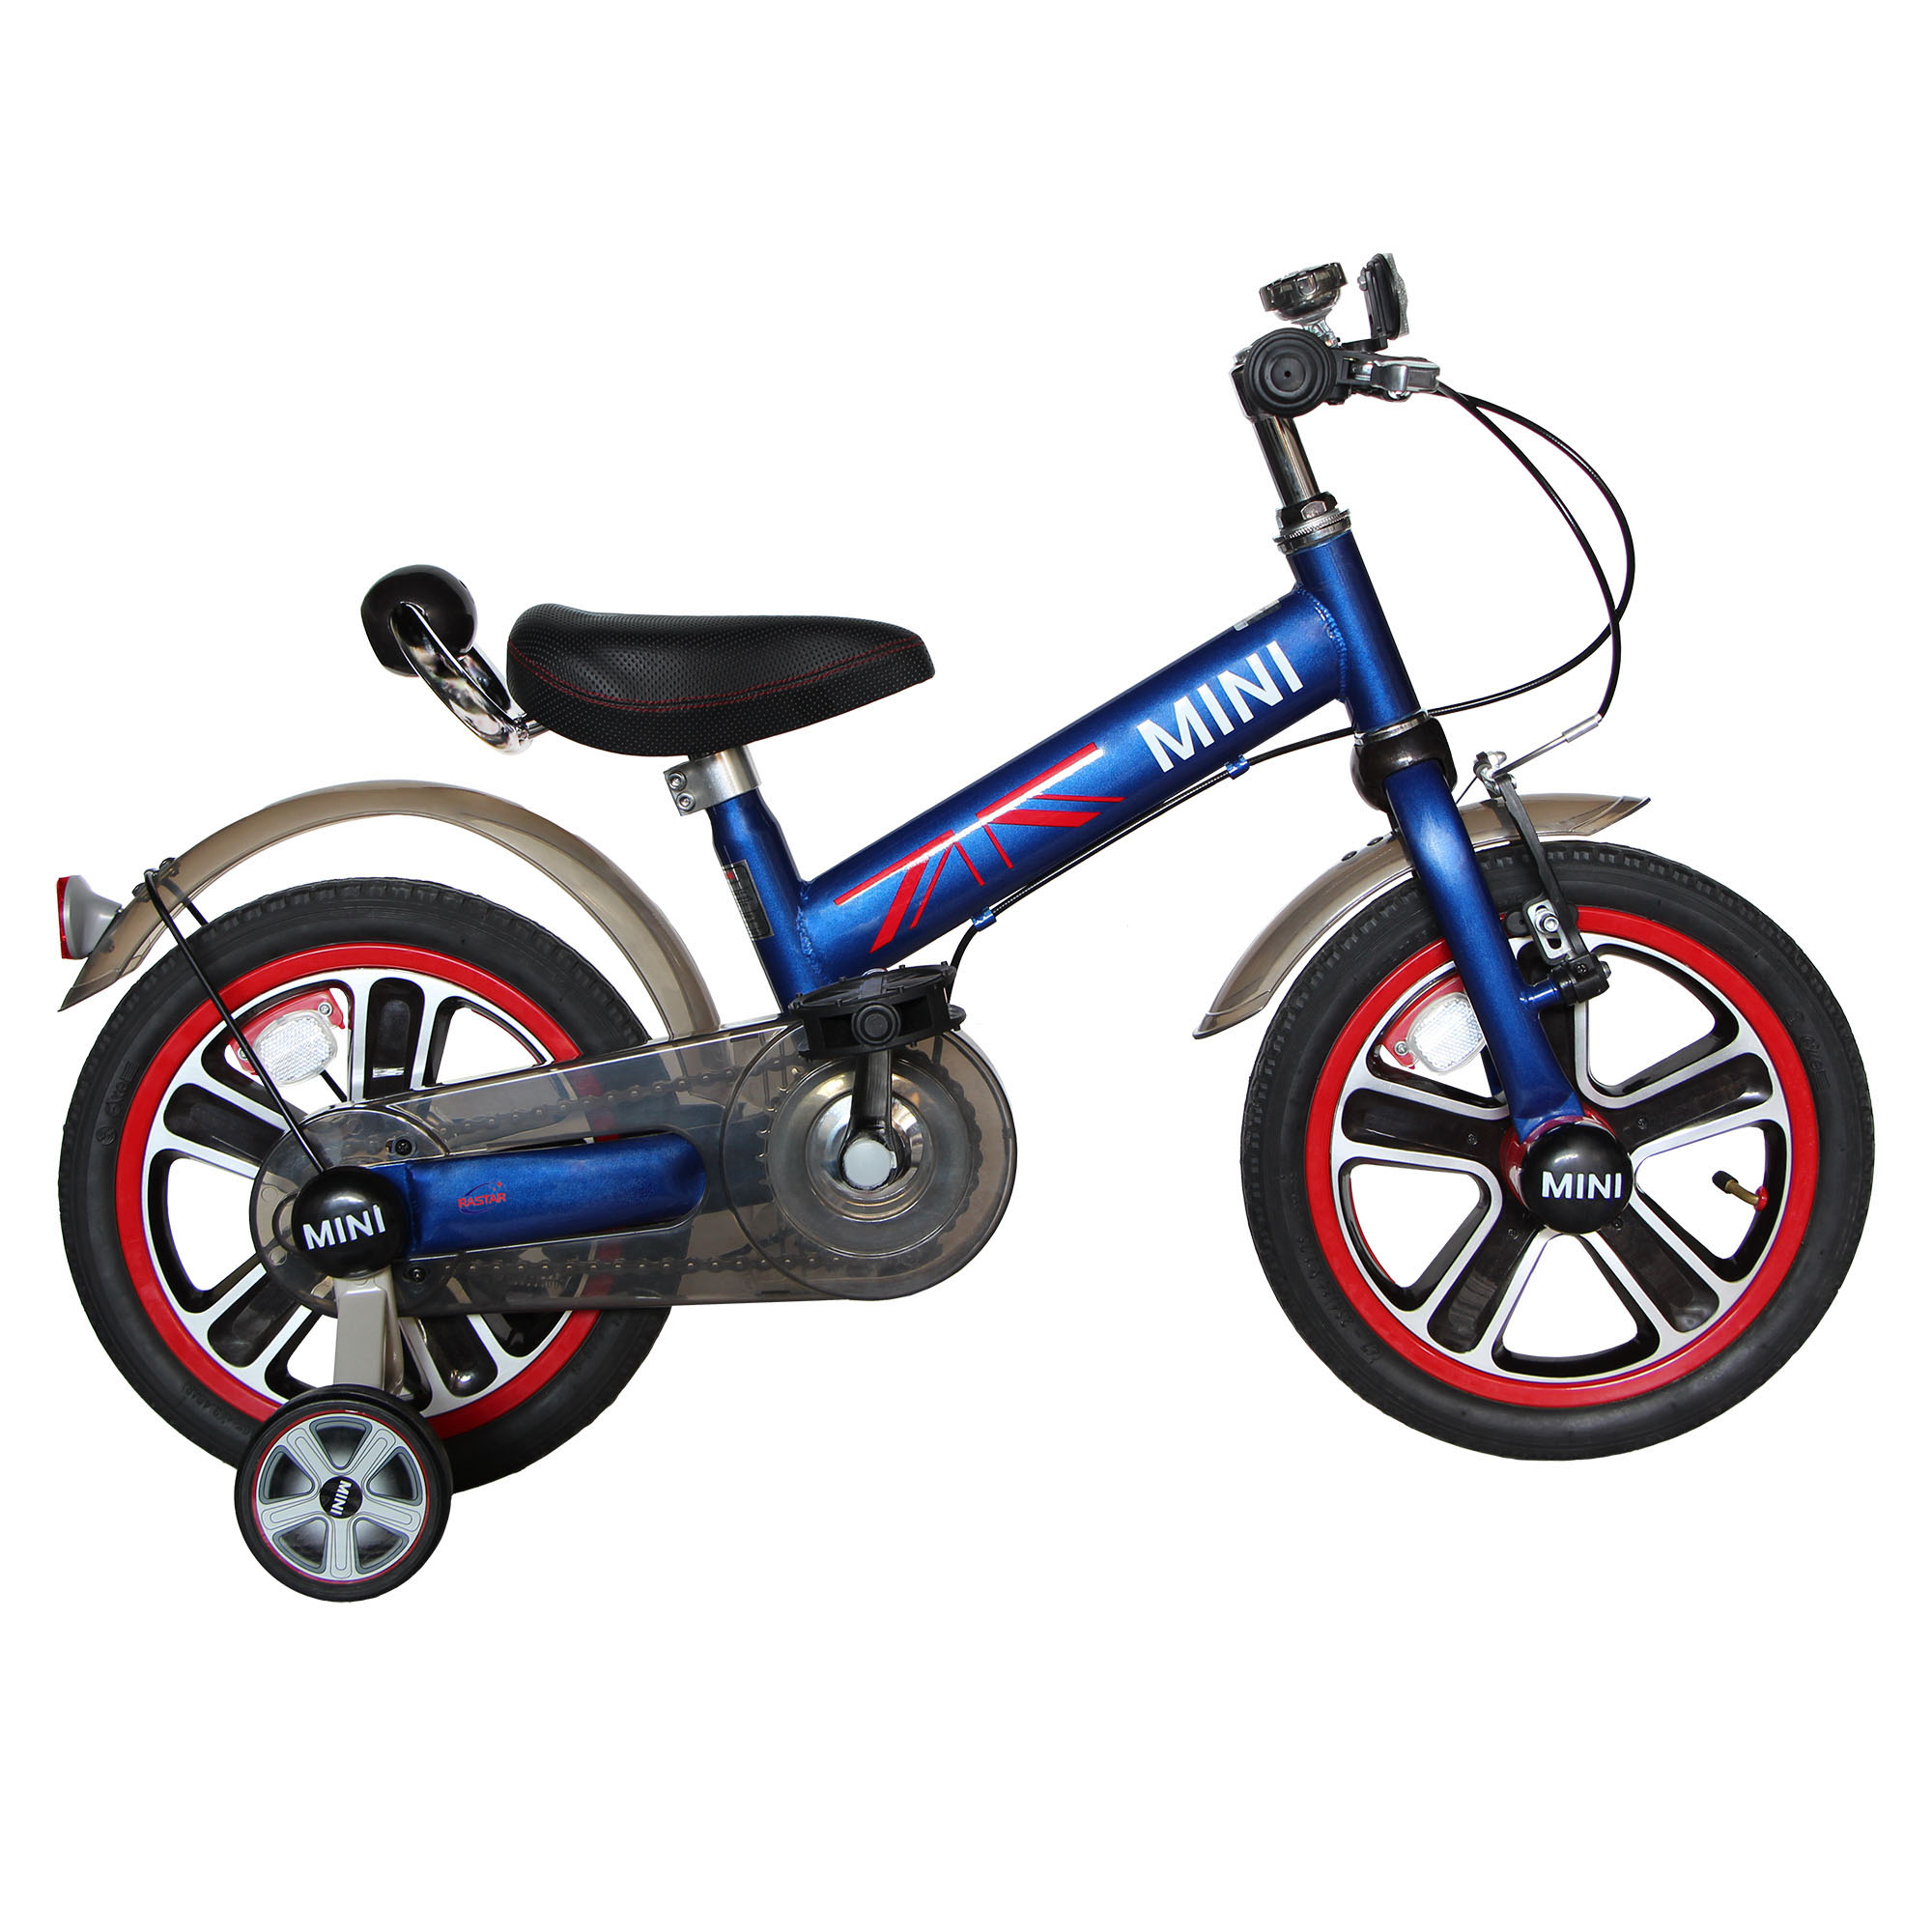 دوچرخه شهری راستار مدل 9104 Mini Cooper سایز 14